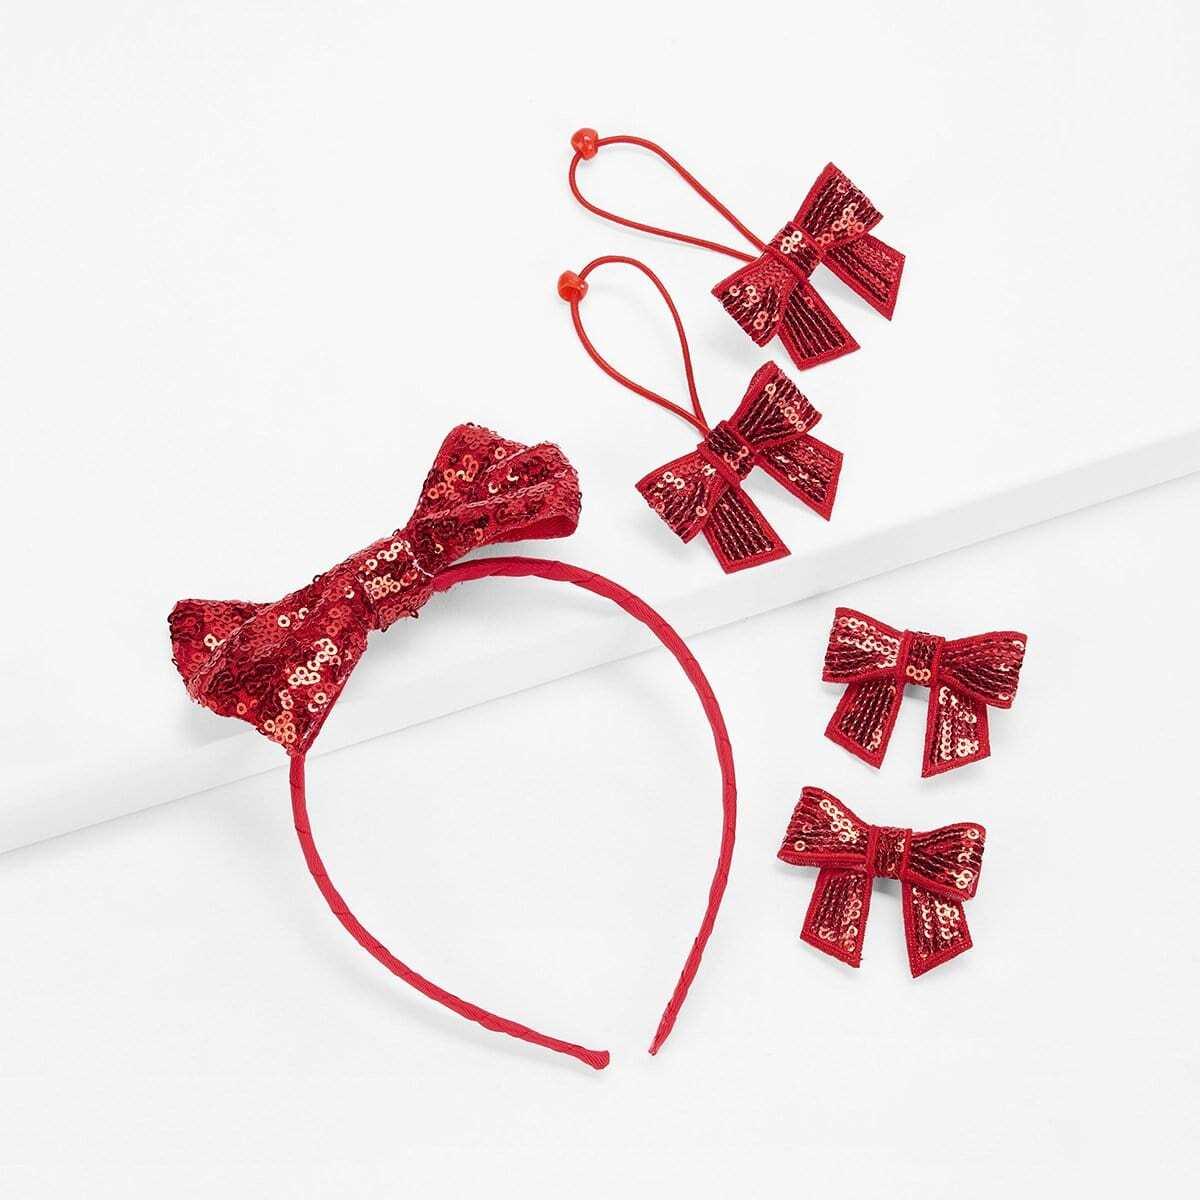 Enfant Ensemble d'accessoires à cheveux pailletés décorés de nœud papillon 5 Pièces